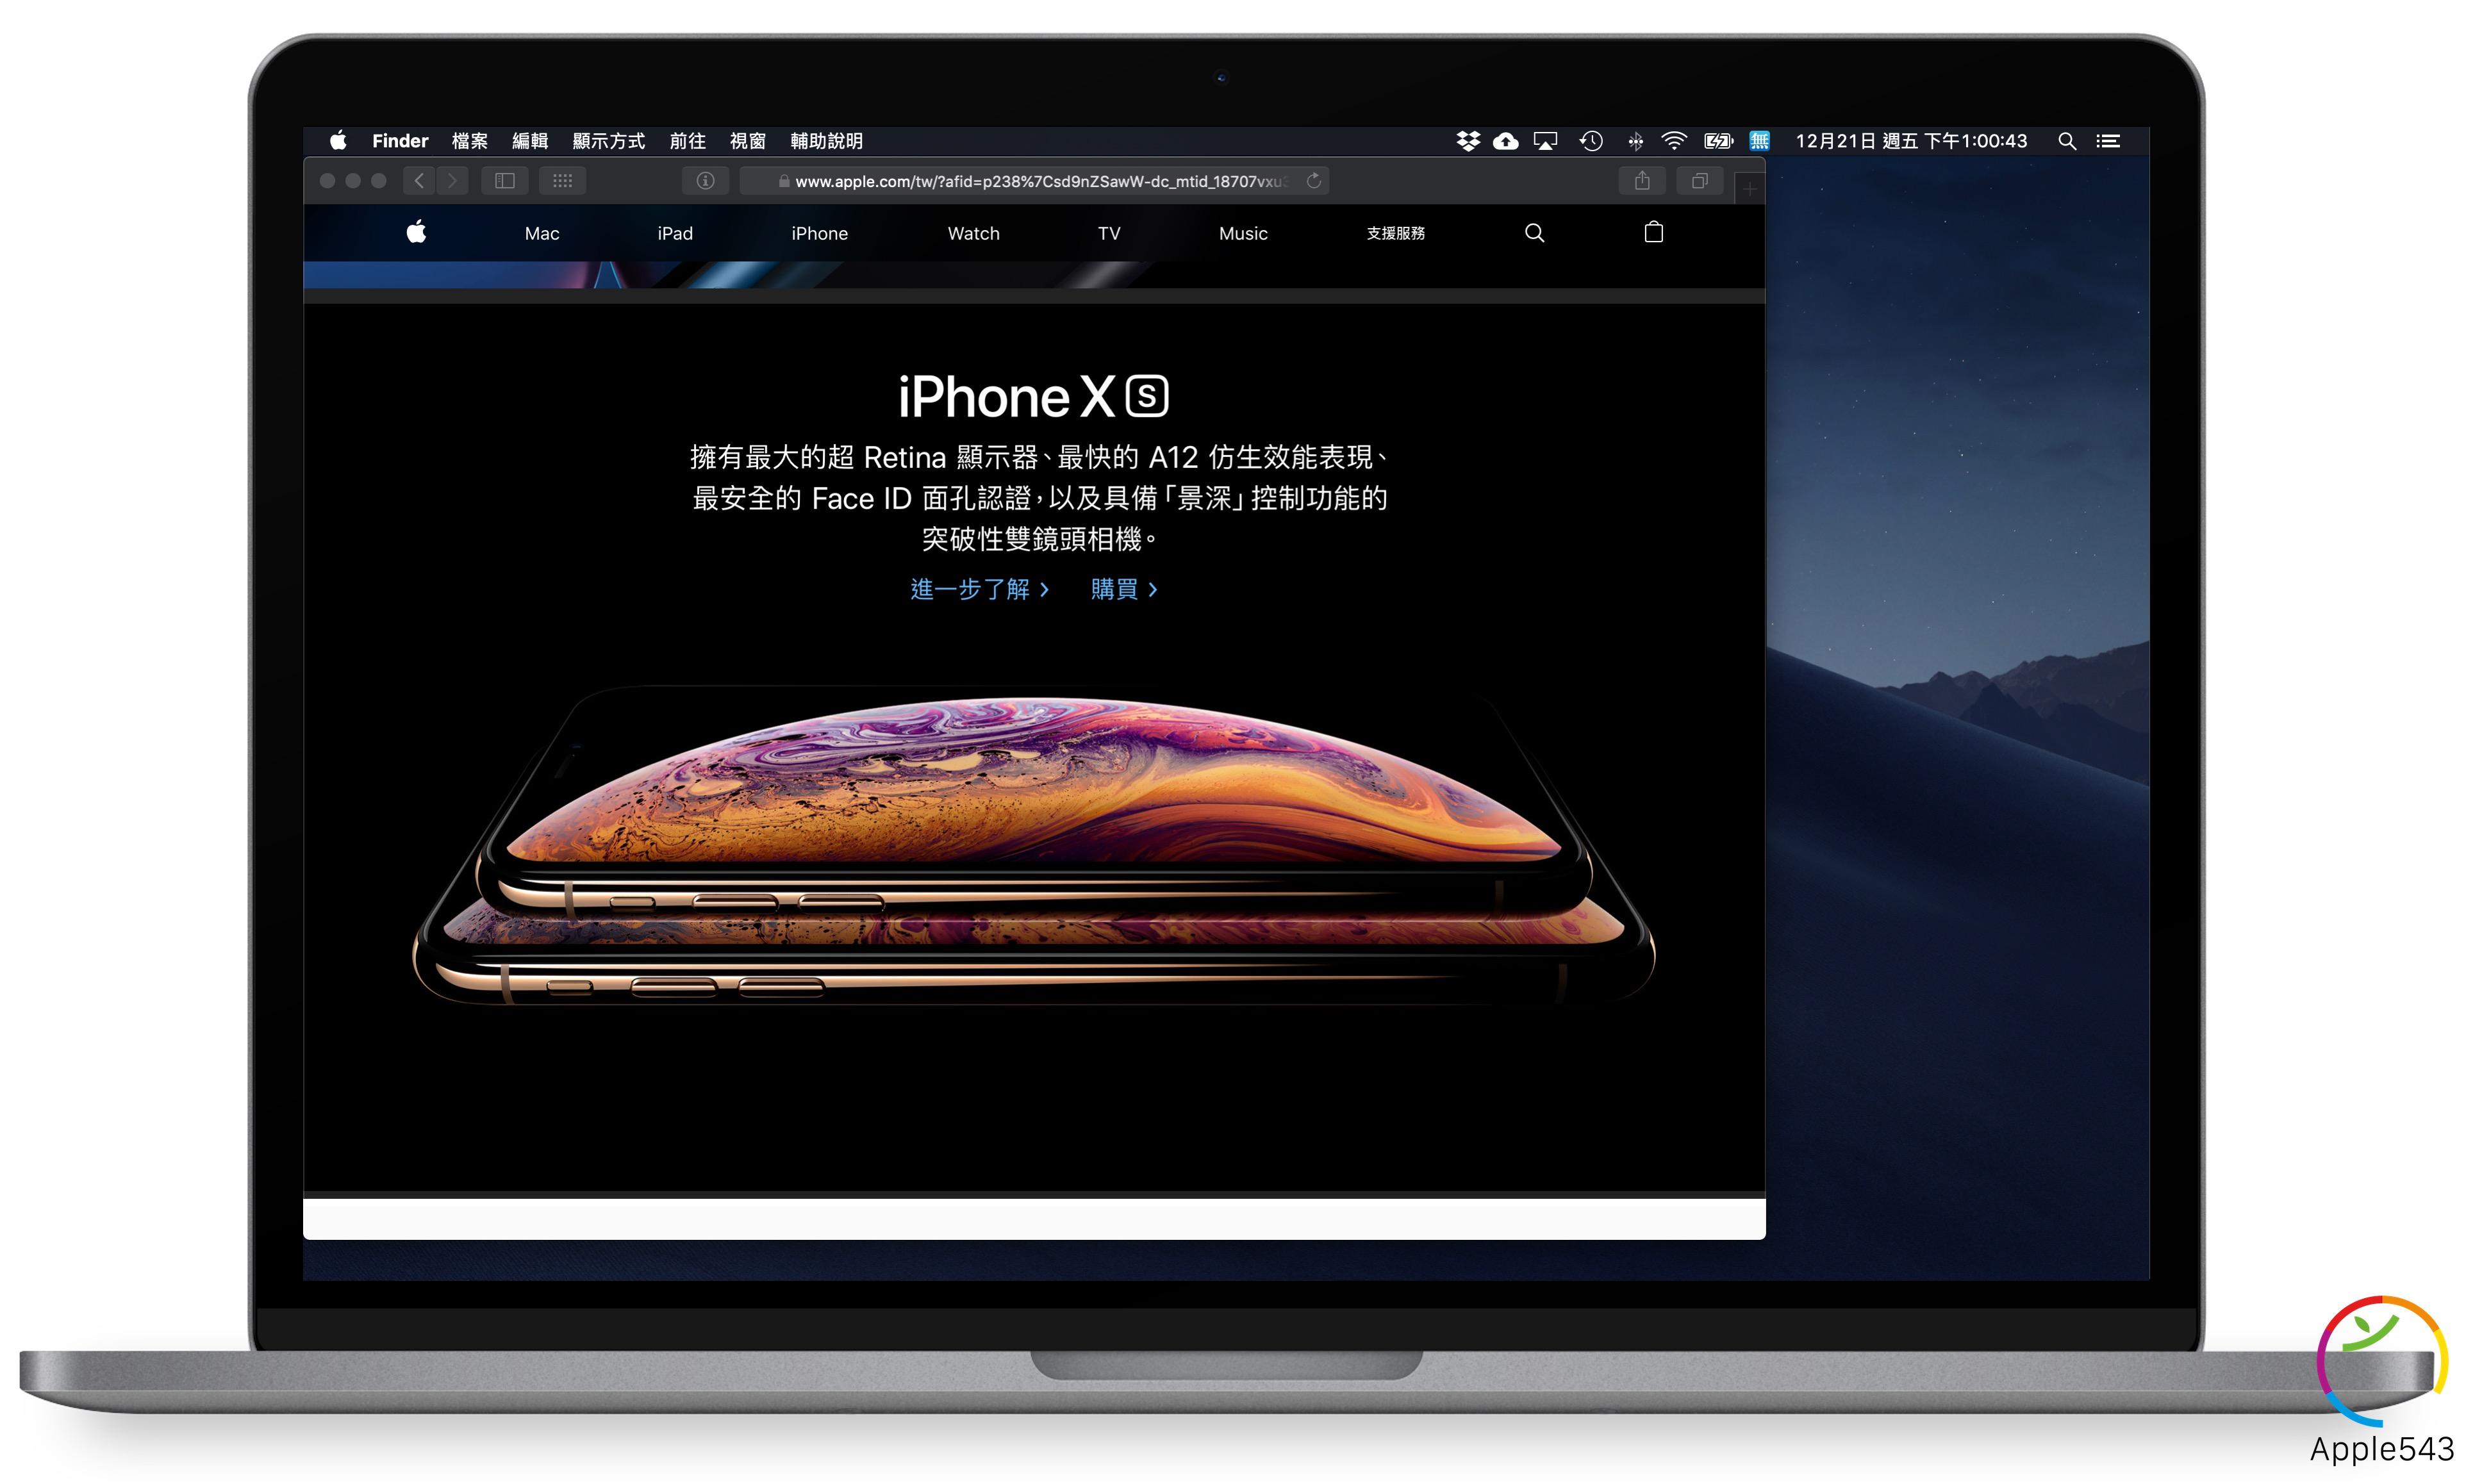 Mac 截圖 該怎麼做?多種螢幕快照讓你一次滿足!- Apple543 找教學